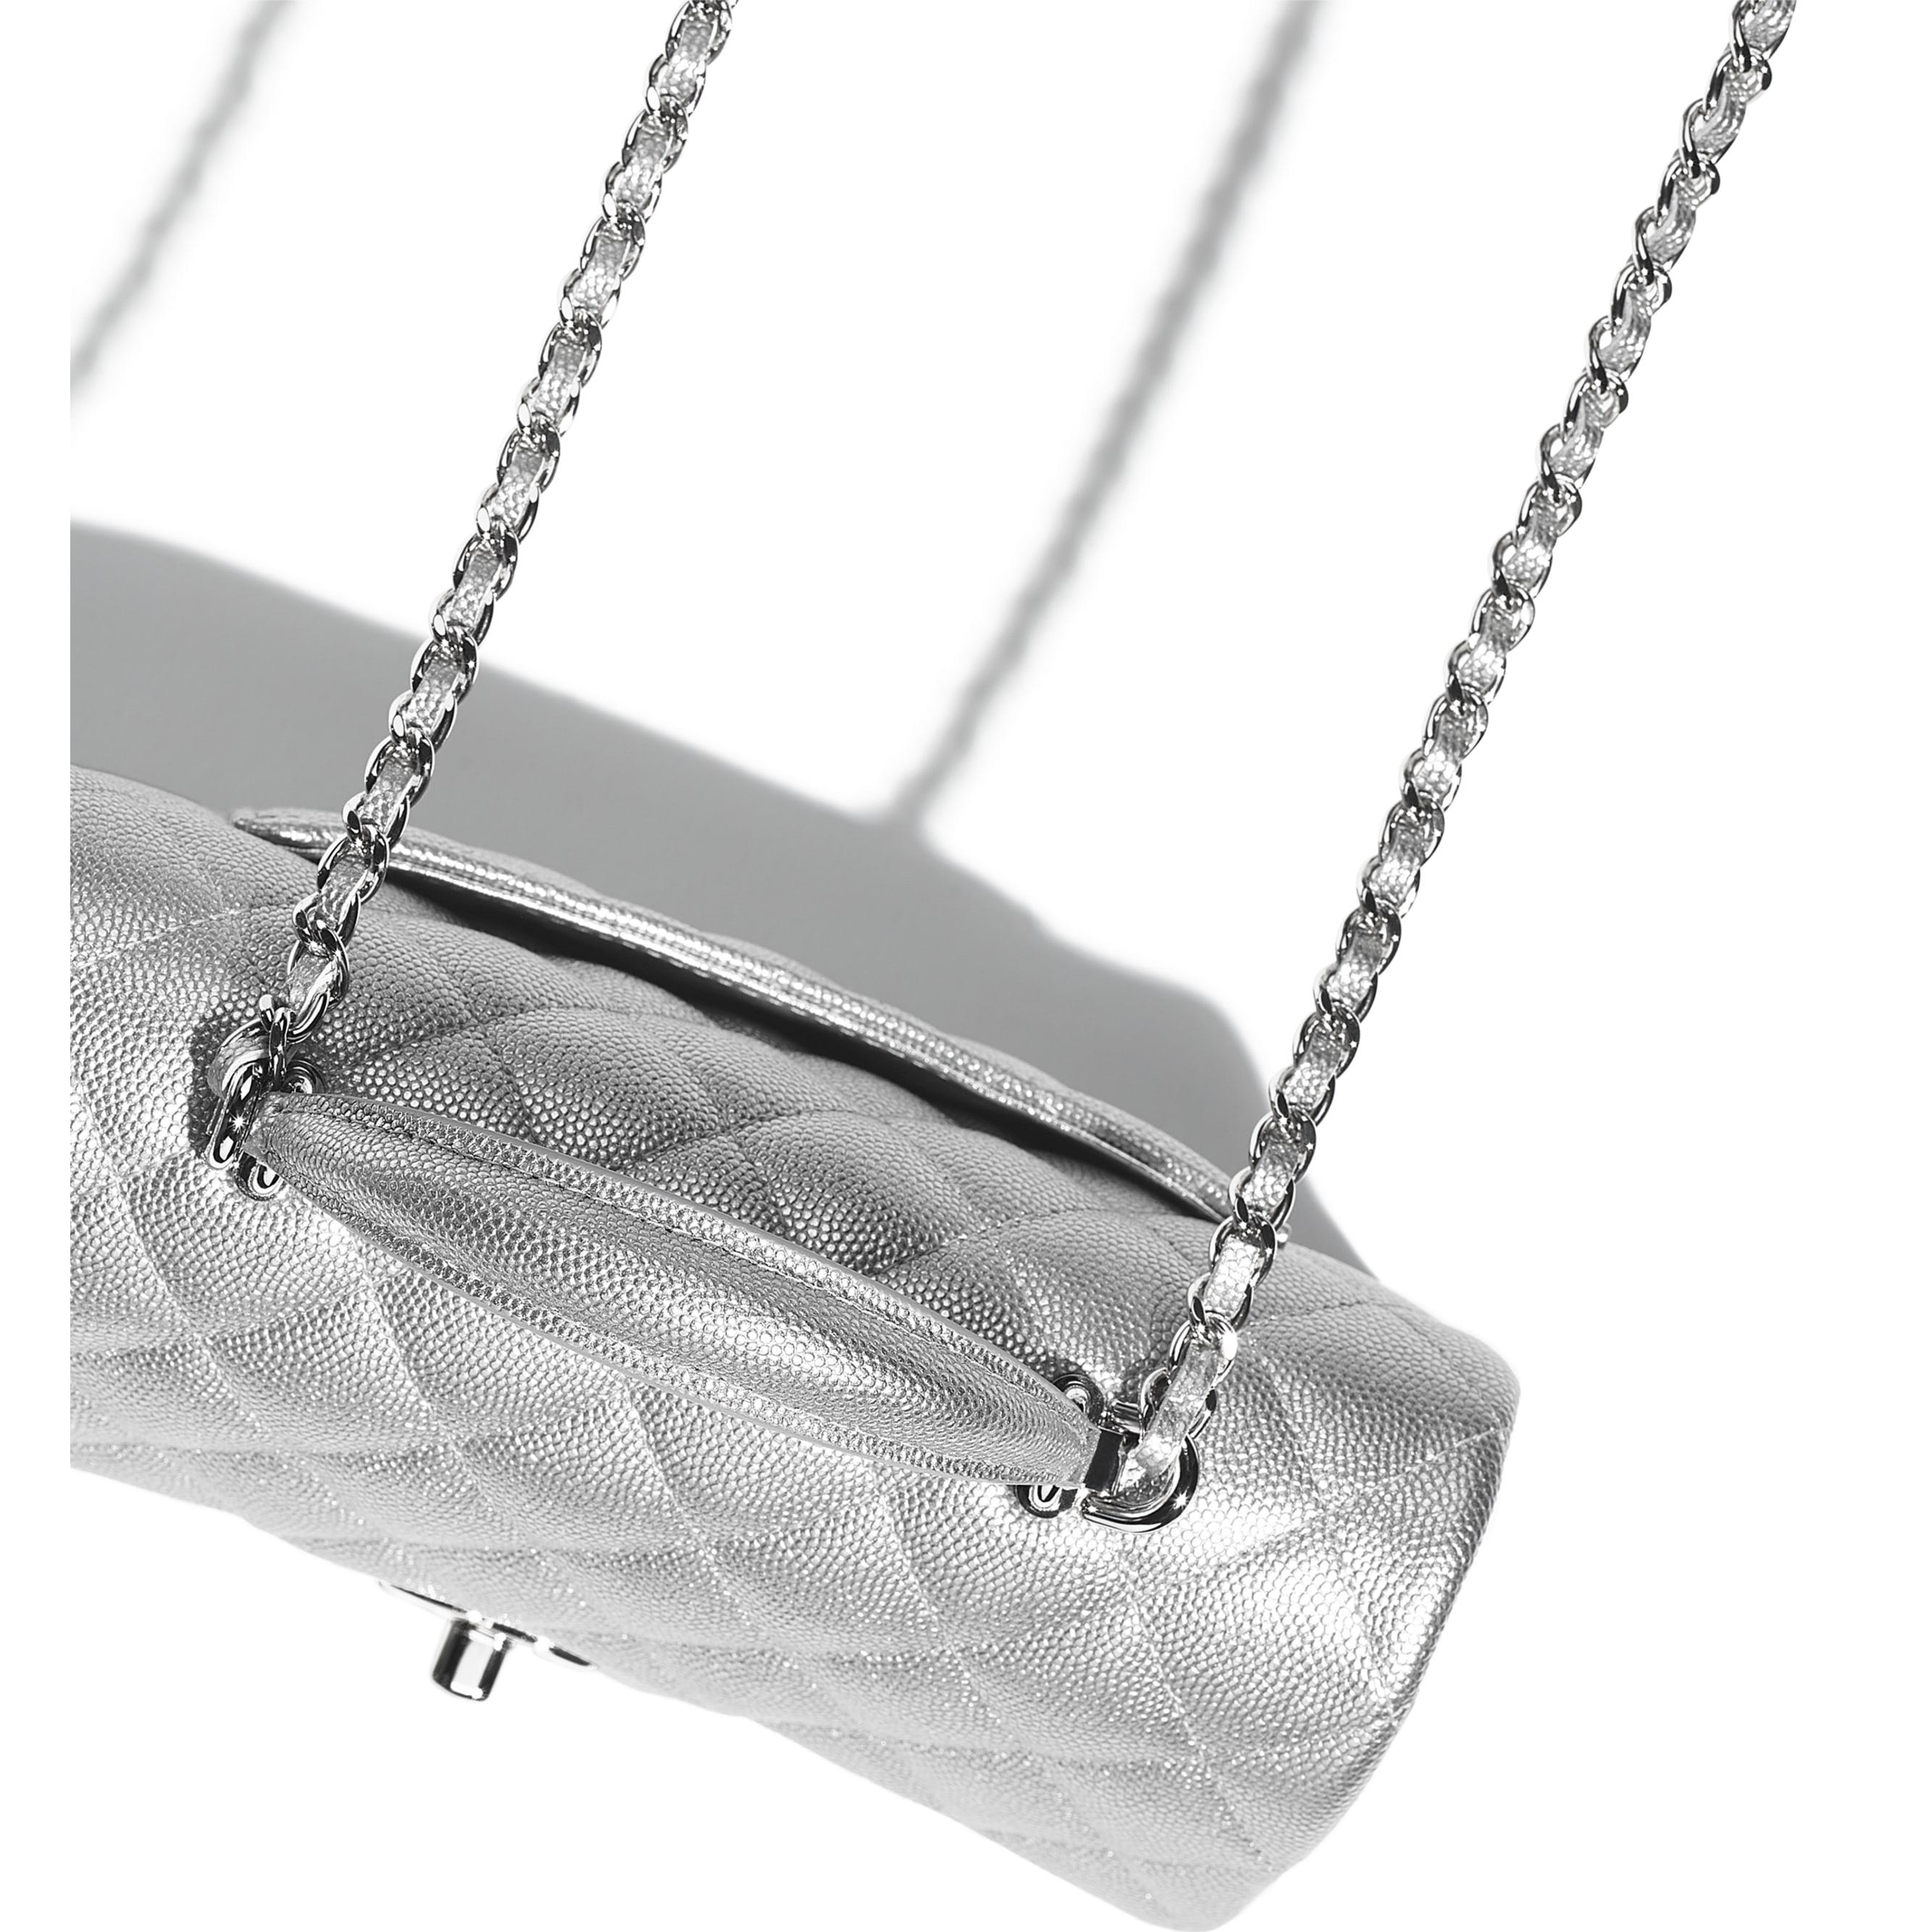 Bolso pequeño con solapa y asa de mano - Plateado - Piel de ternera granulada metalizada y metal plateado - CHANEL - Vista adicional - ver la versión tamaño estándar